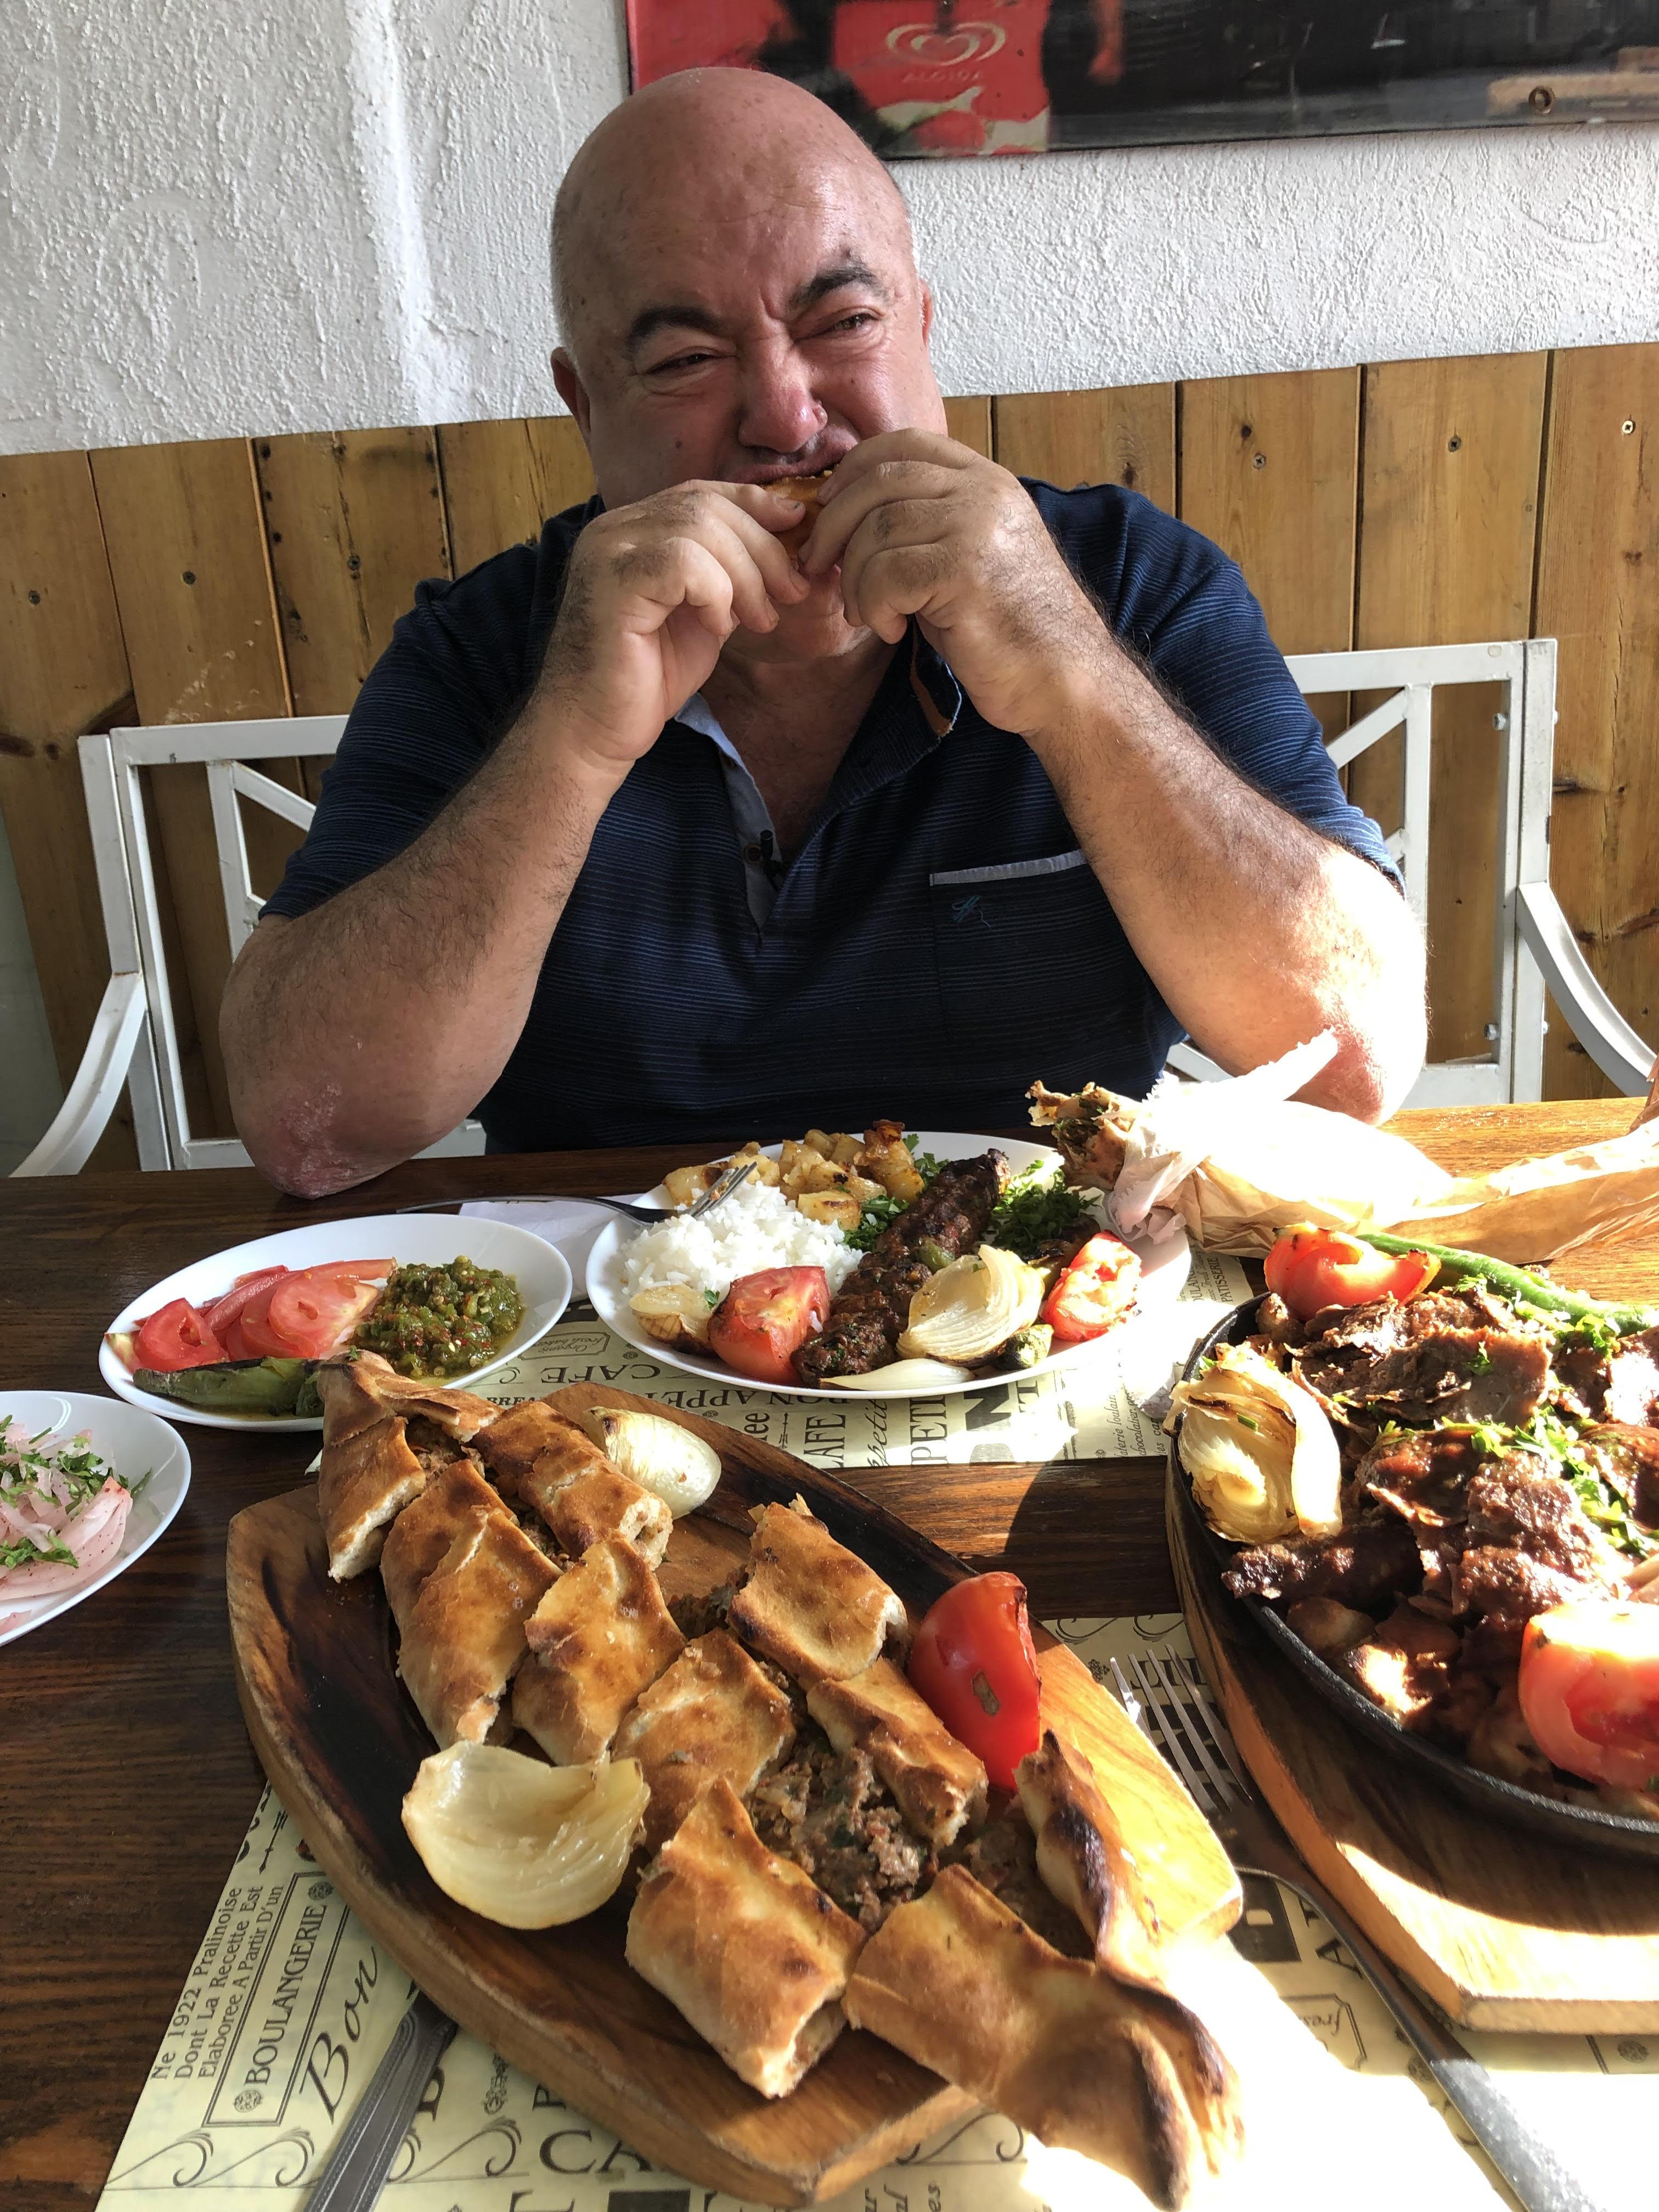 דוקטור שקשוקה זולל אוכל רחוב טורקי (צילום: תיקי גולן)